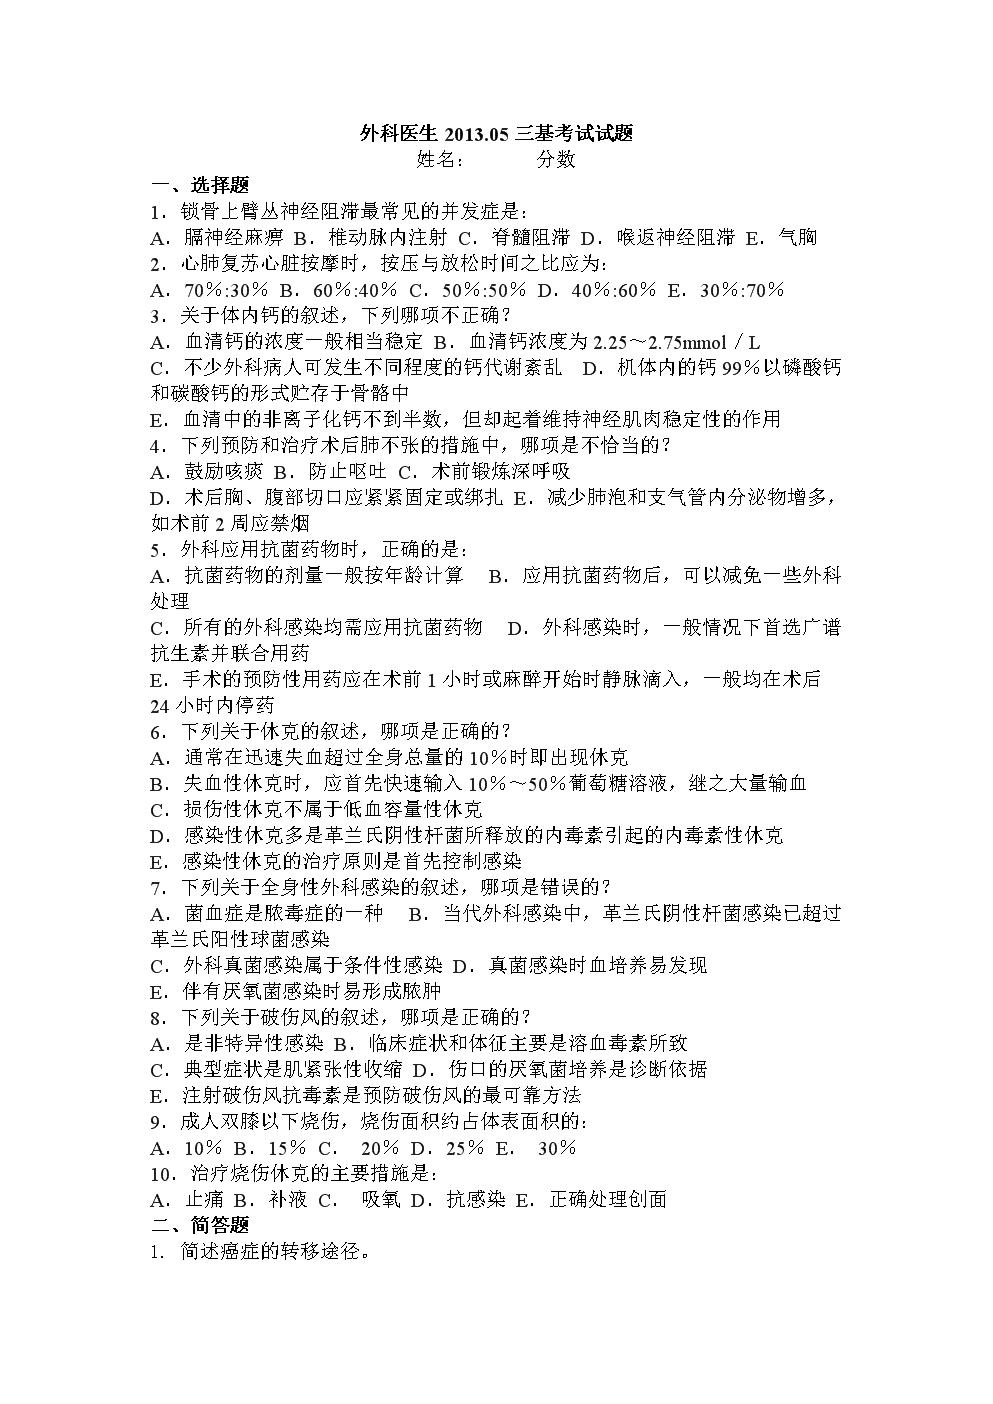 外科医生201305三基试题.doc